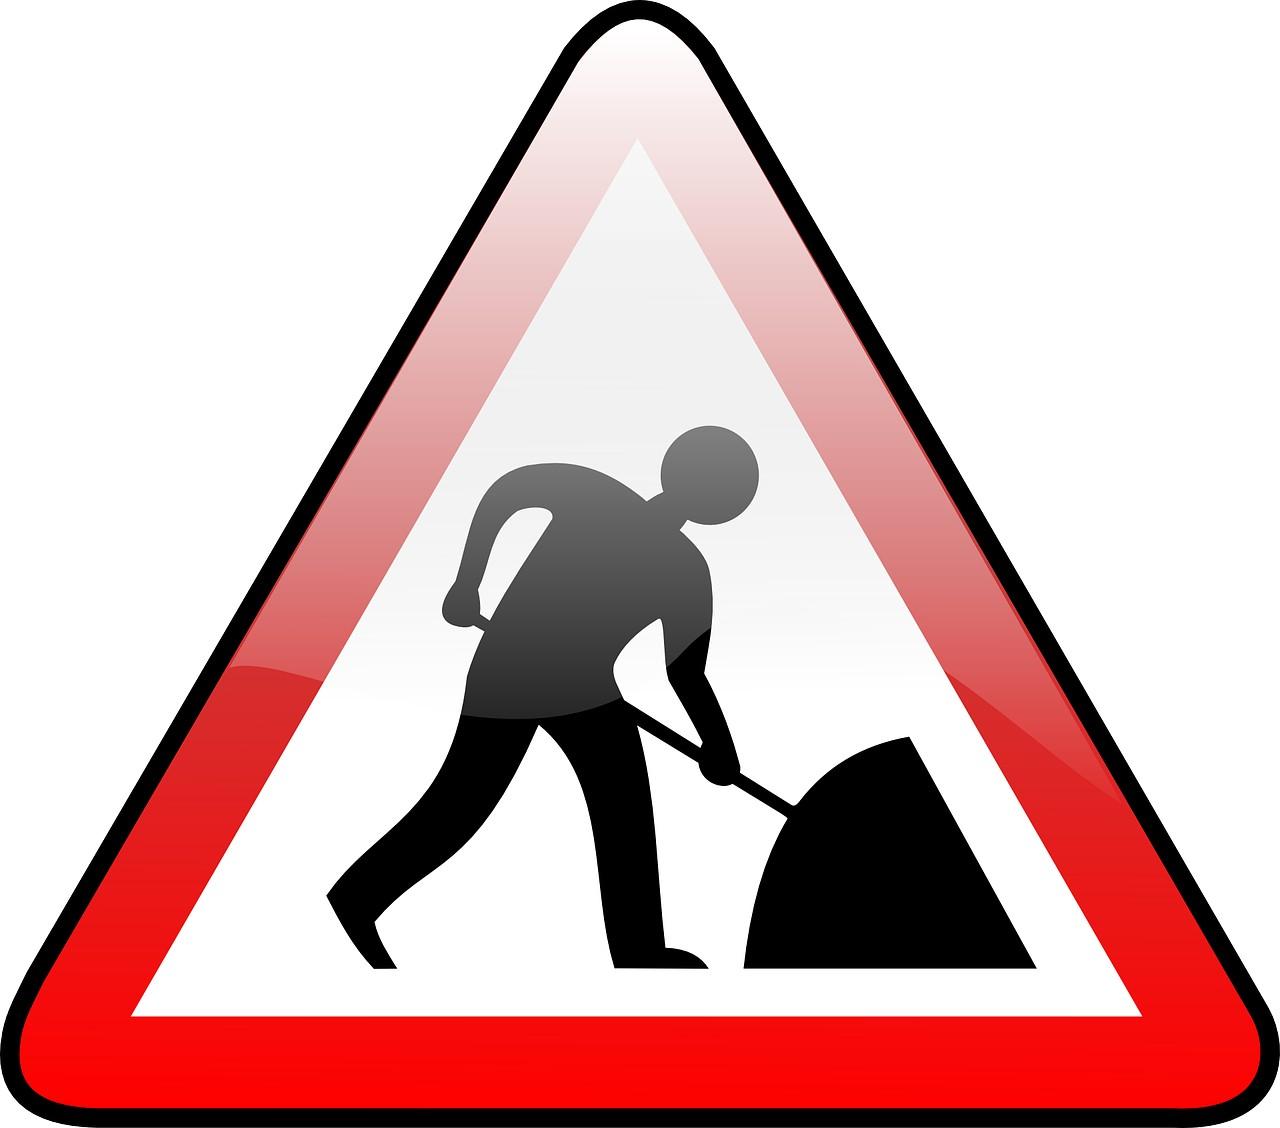 Знак 1.25 дорожные работы — где устанавливается